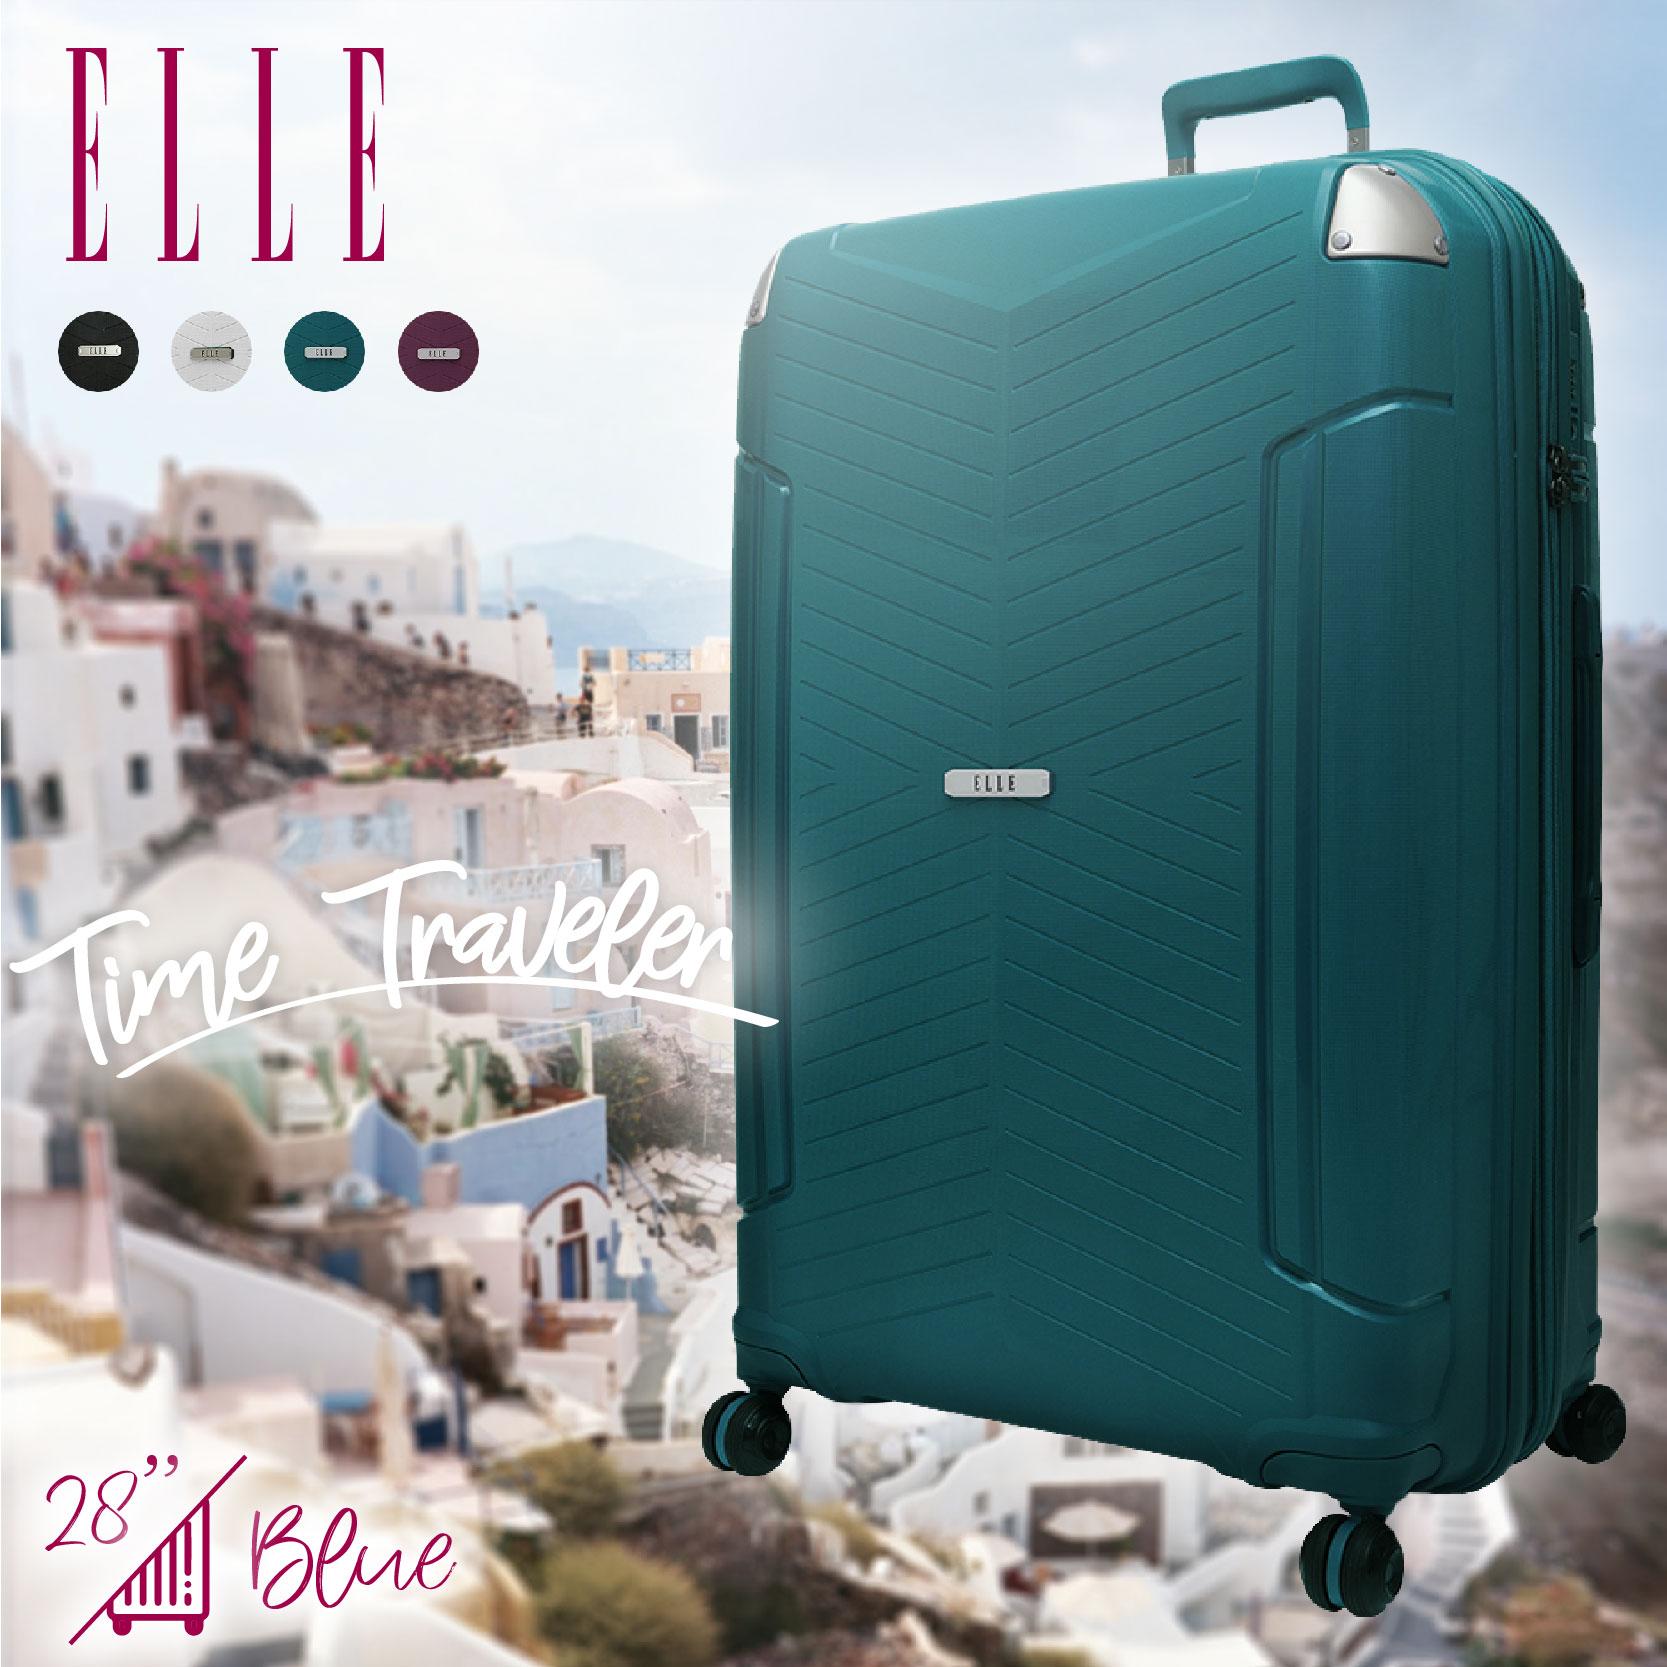 出國靠這卡 ELLE Time Traveler 孔雀藍 出國 行李箱 28吋 極輕防刮PP材質 蜜月 畢旅 假期